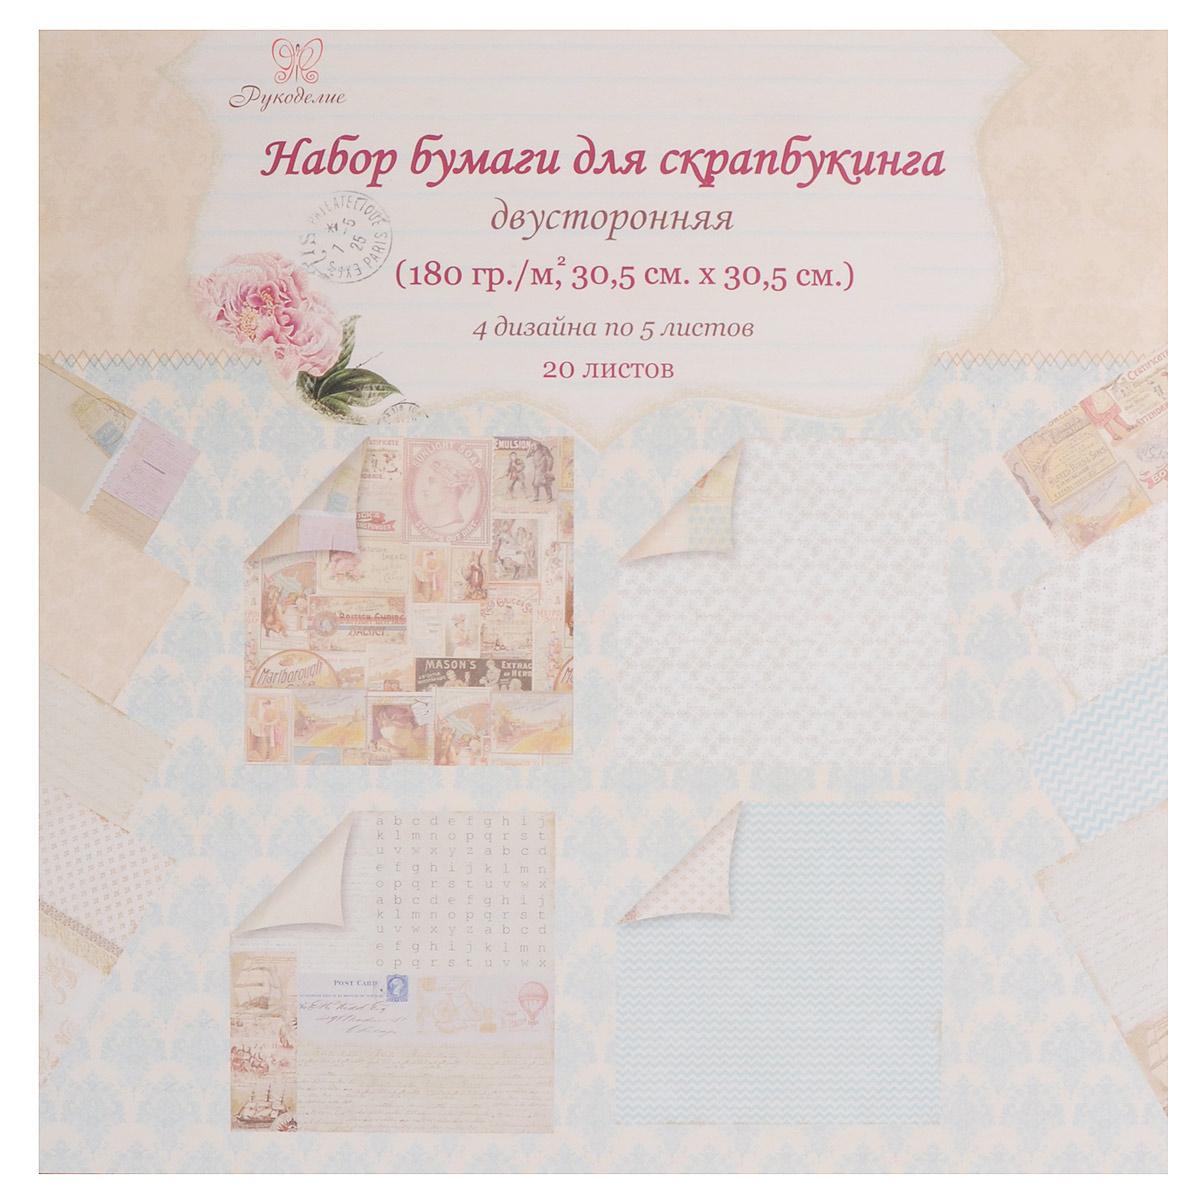 Набор бумаги для скрапбукинга Розы, 30,5 х 30,5 см, 20 листов. 695091695091Набор двусторонней бумаги для скрапбукинга Розы позволит создать красивый альбом, фоторамку или открытку ручной работы, оформить подарок или аппликацию. Бумага не содержит лигнина и кислоты.Набор включает 20 листов из плотной бумаги: 4 дизайна по 5 листов каждого. Скрапбукинг - это хобби, которое способно приносить массу приятных эмоций не только человеку, который этим занимается, но и его близким, друзьям, родным. Это невероятно увлекательное занятие, которое поможет вам сохранить наиболее памятные и яркие моменты вашей жизни, а также интересно оформить интерьер дома.Размер бумаги: 30,5 см х 30,5 см. Плотность бумаги: 180 г/м2.